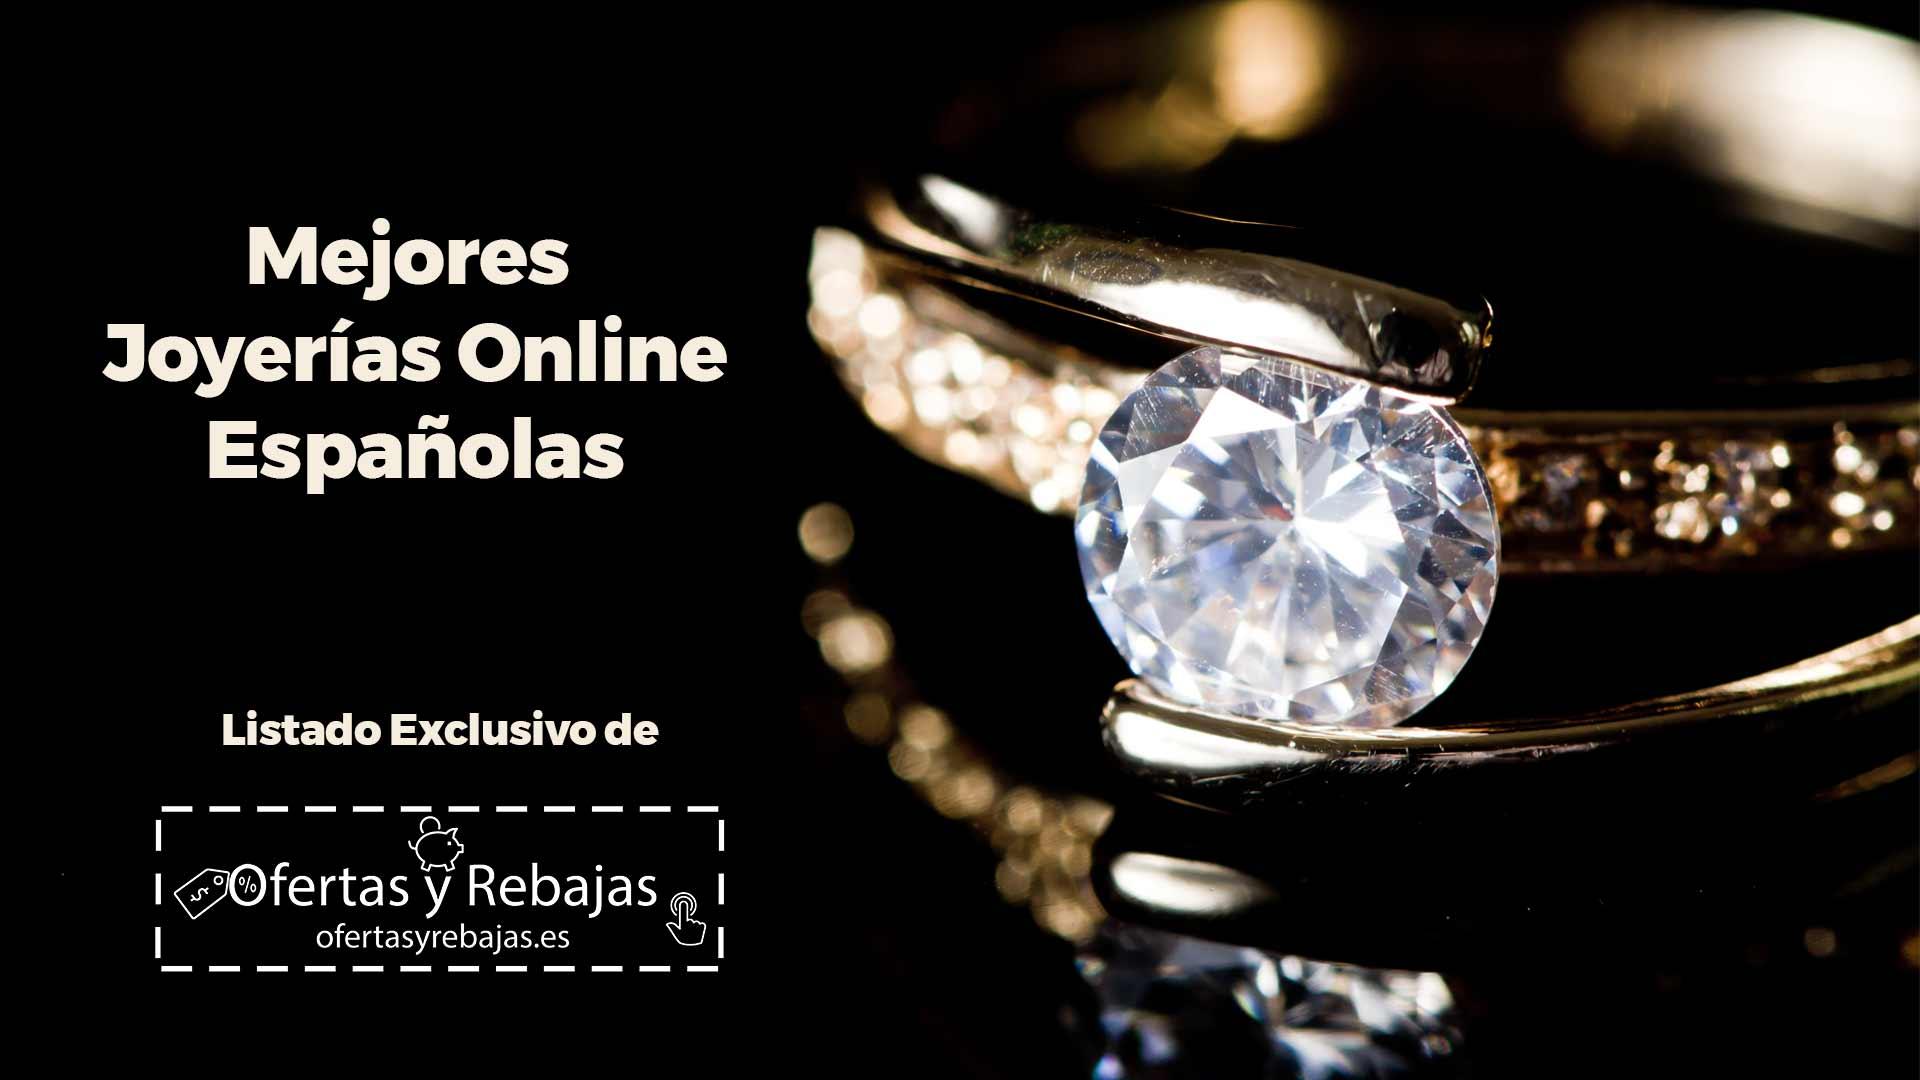 Mejores Joyerías Online Españolas